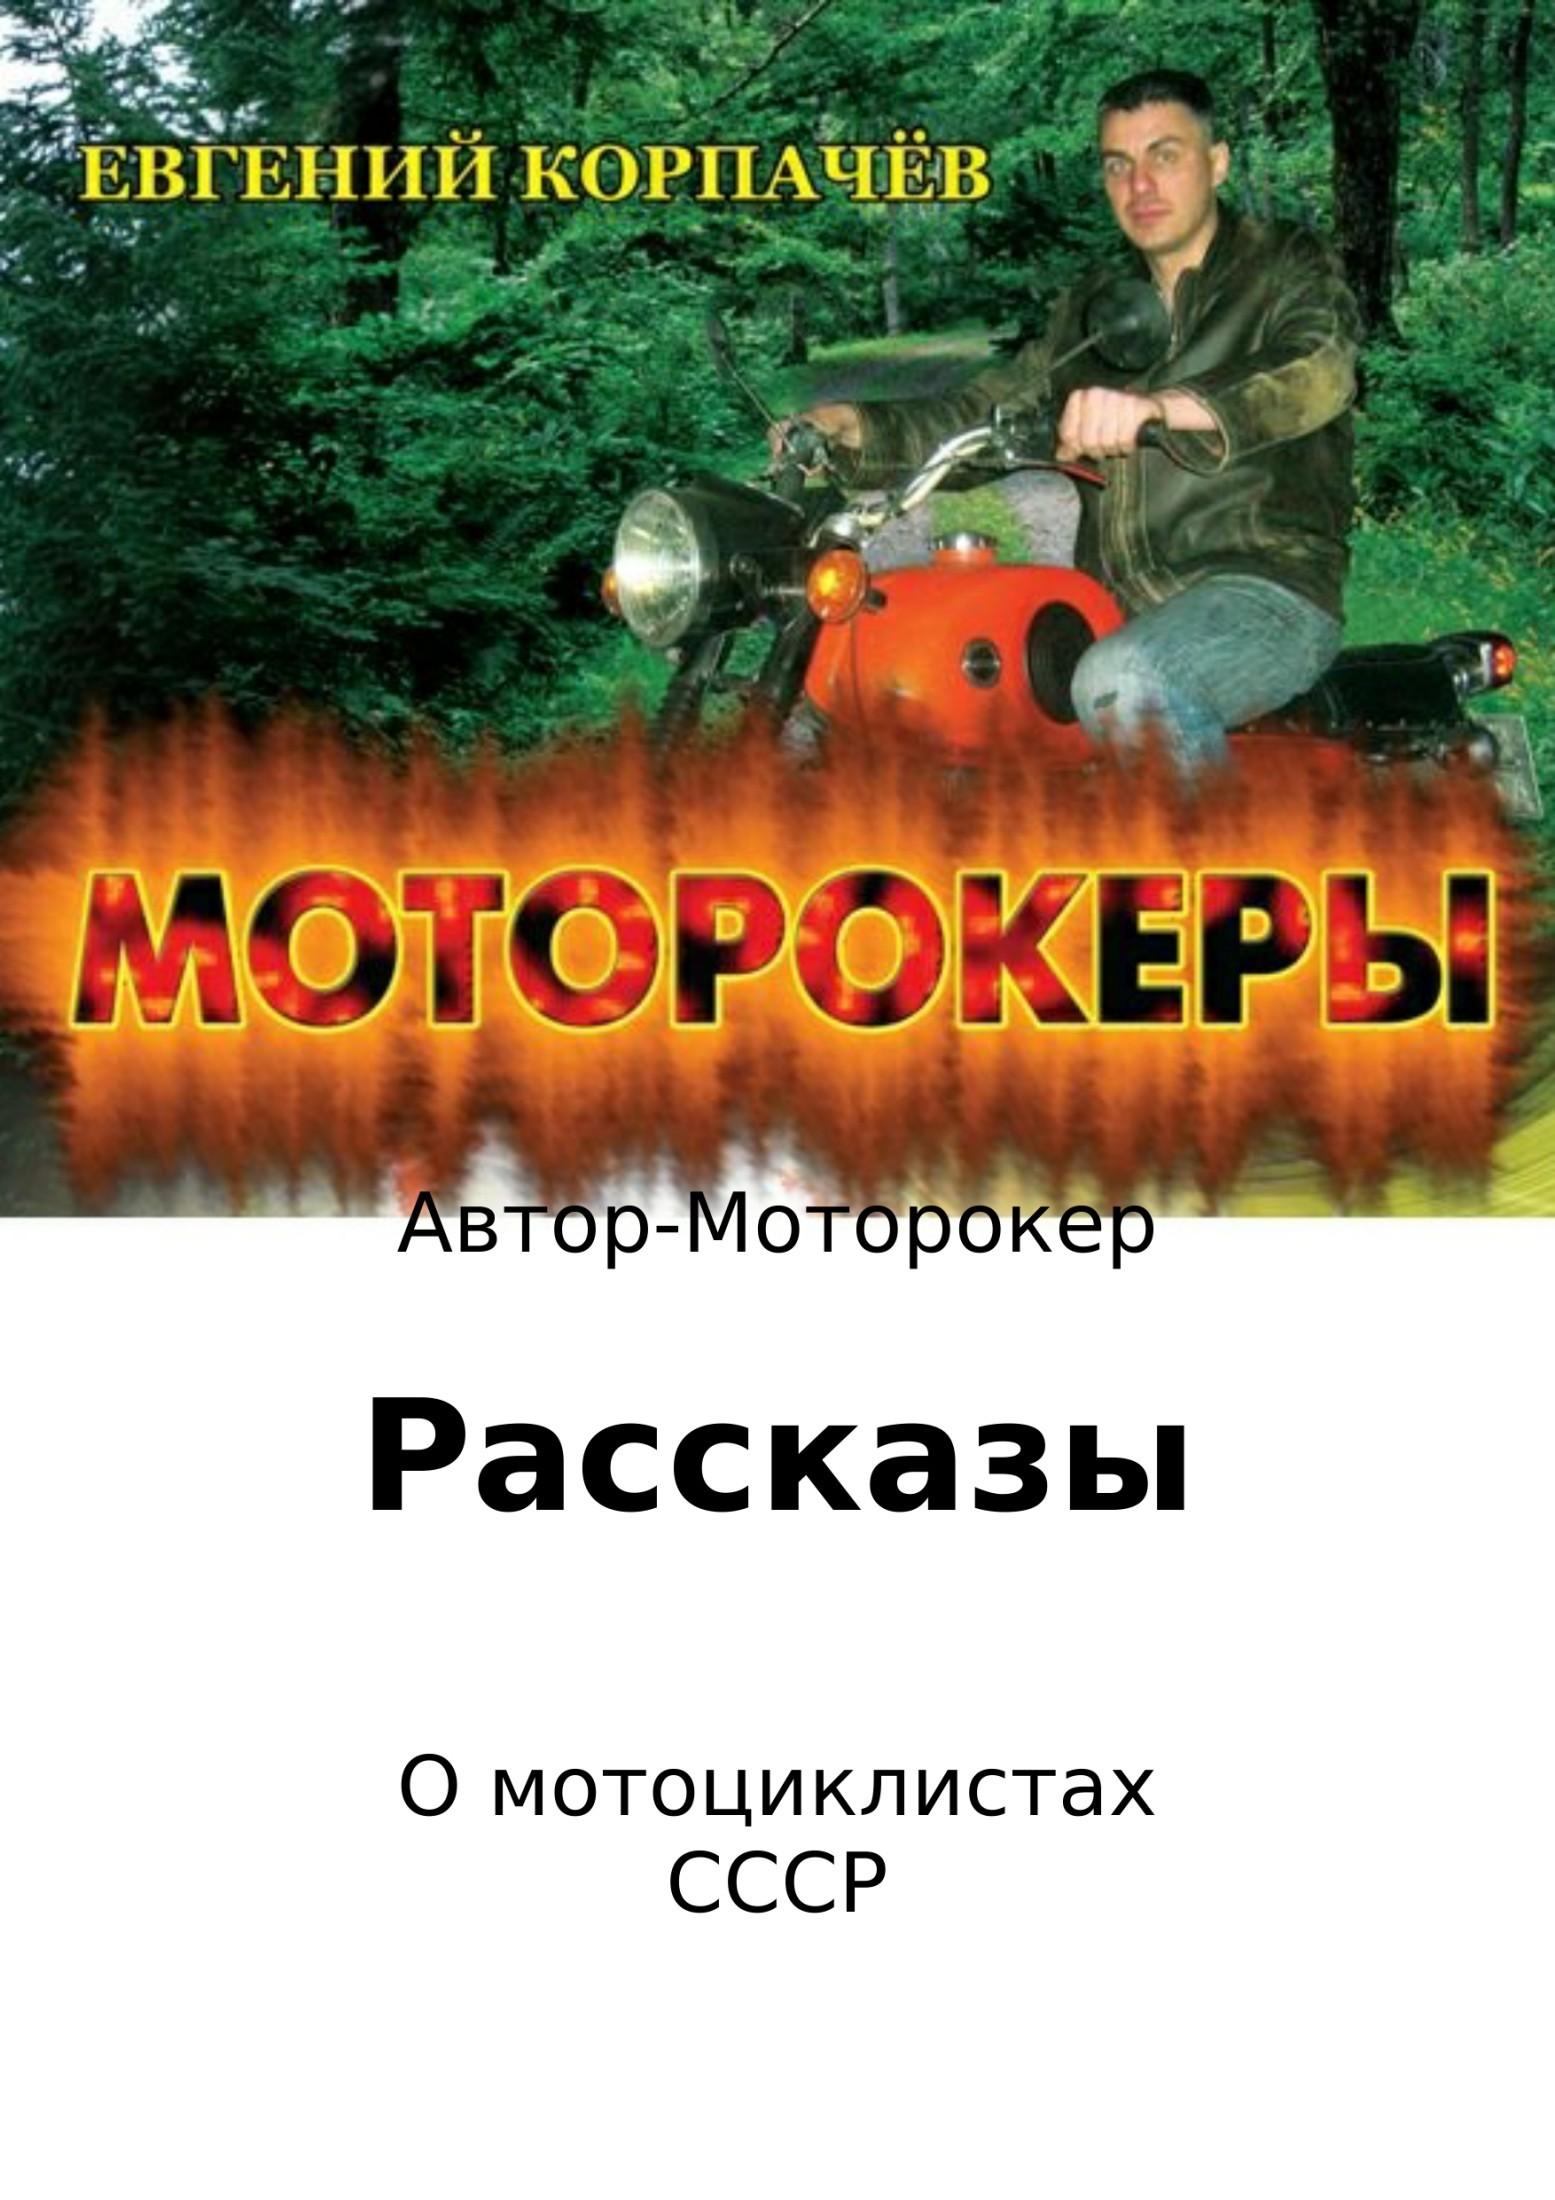 Моторокеры. Сборник рассказов